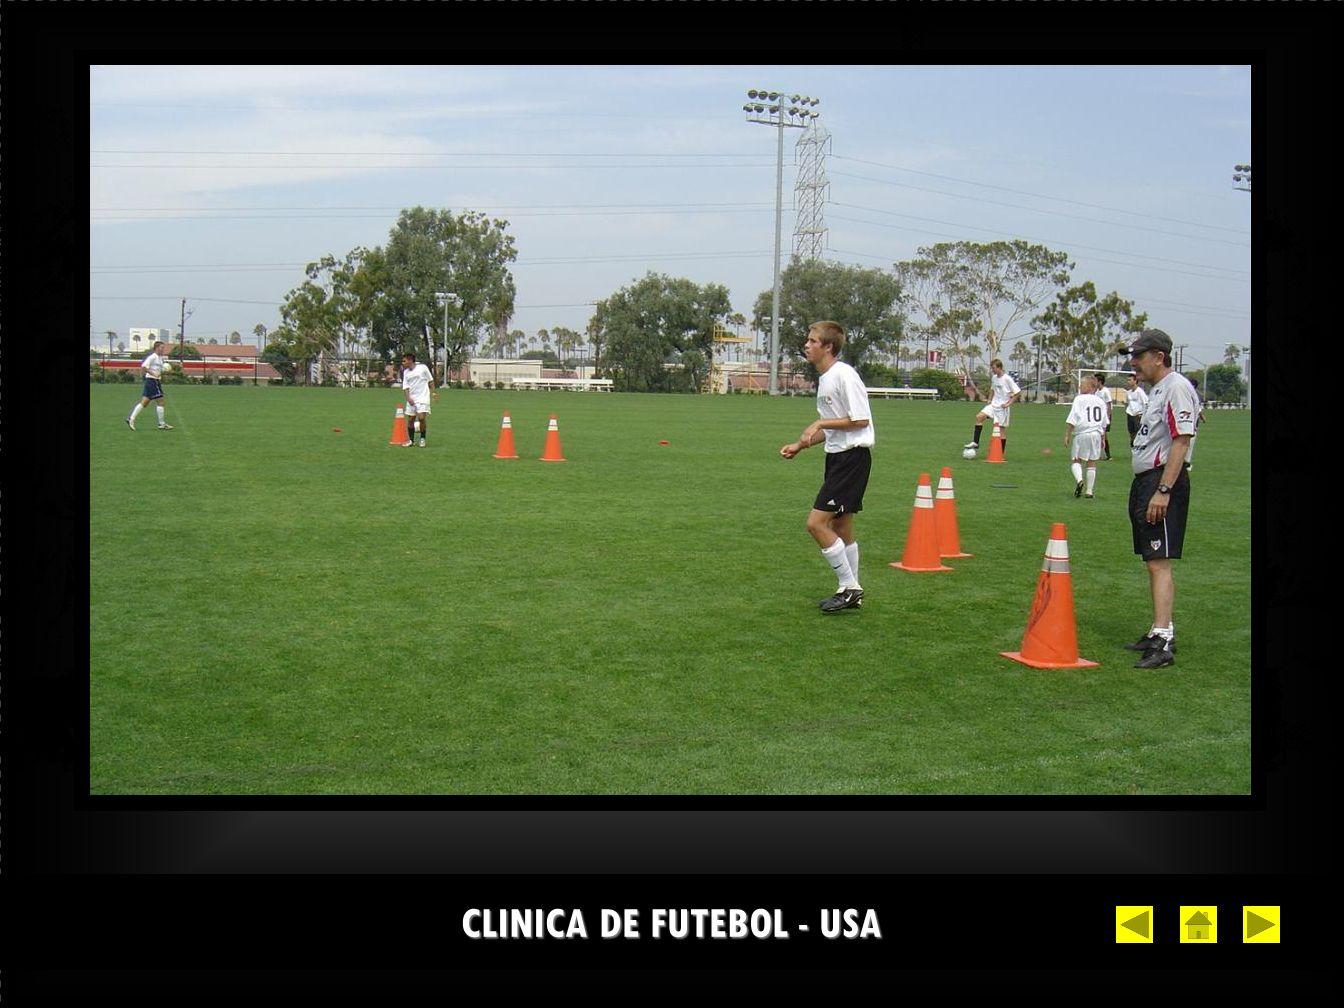 CLINICA DE FUTEBOL - USA